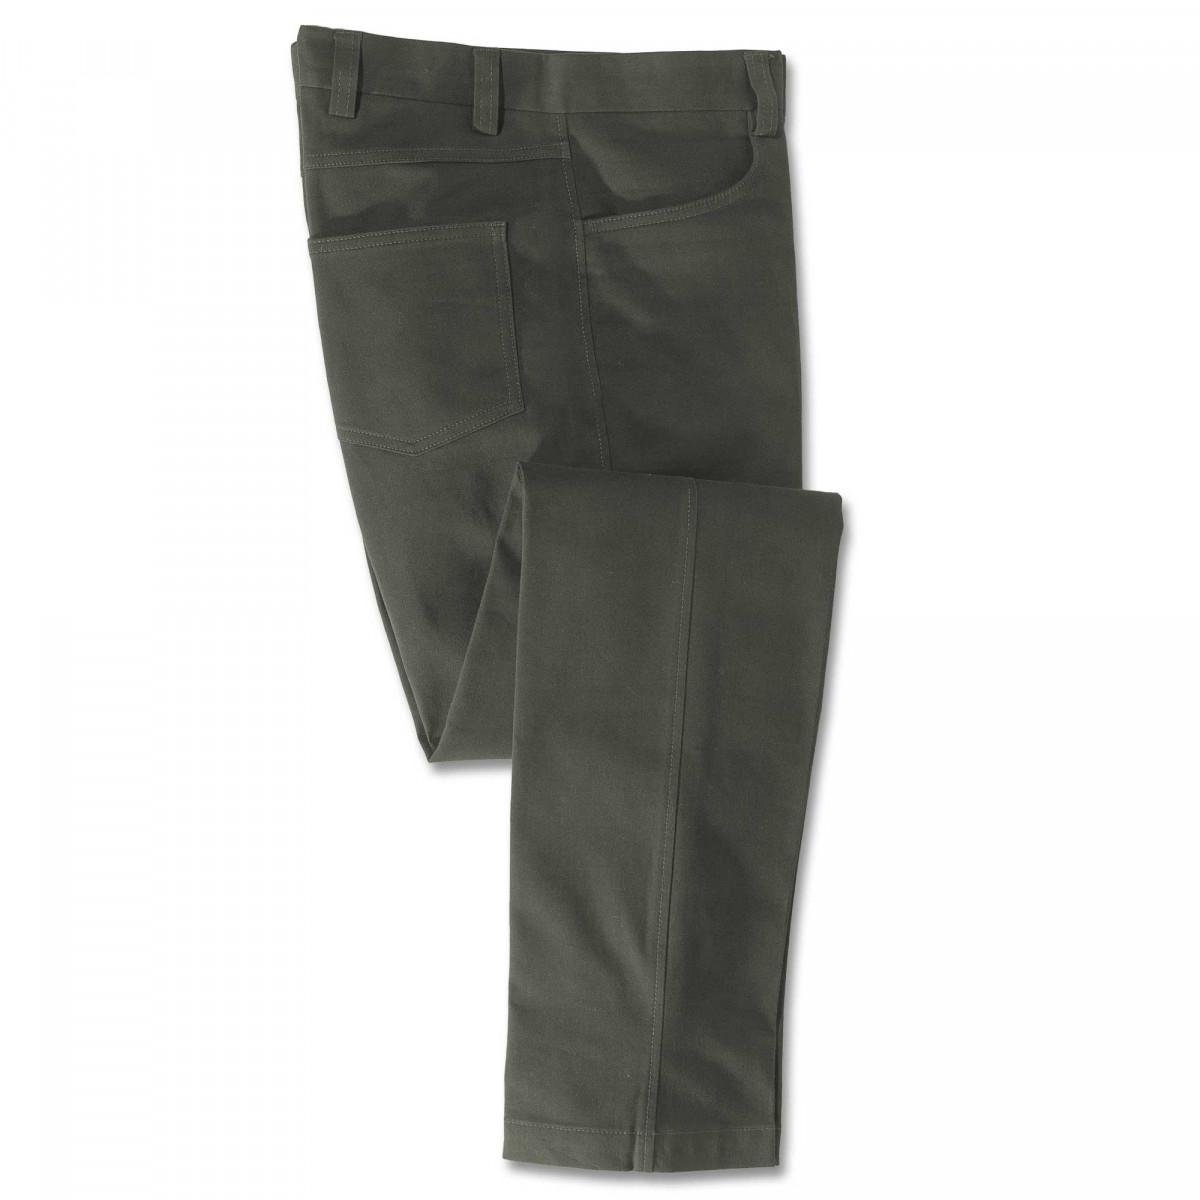 Pantalon 5 poches 52 Kaki